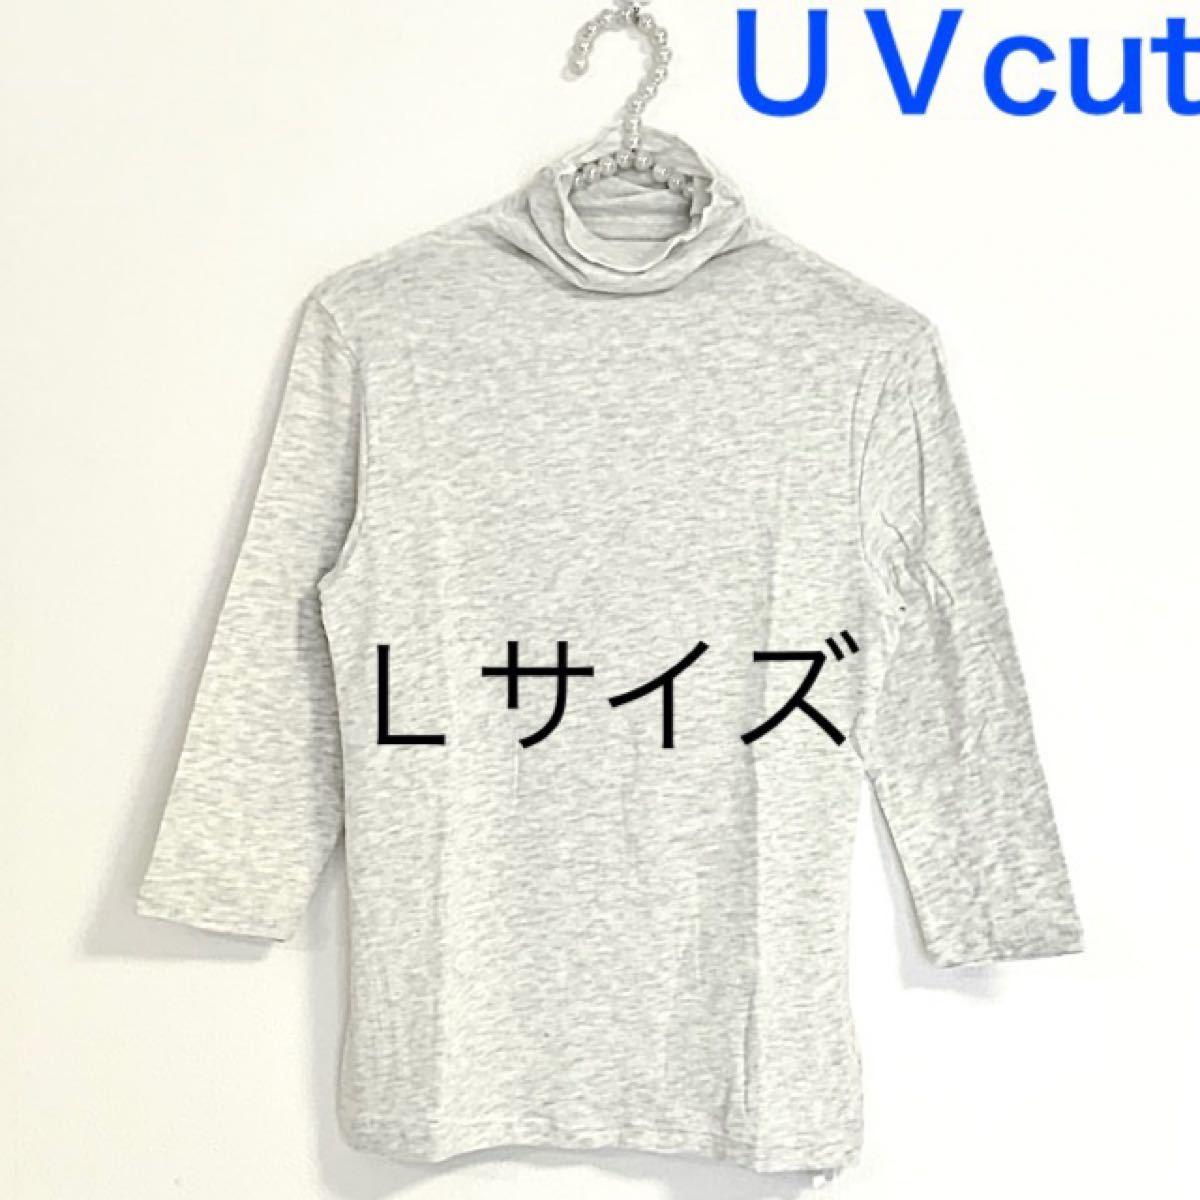 7分袖【Lサイズ】杢アイボリー★UVカットハイネックカットソー